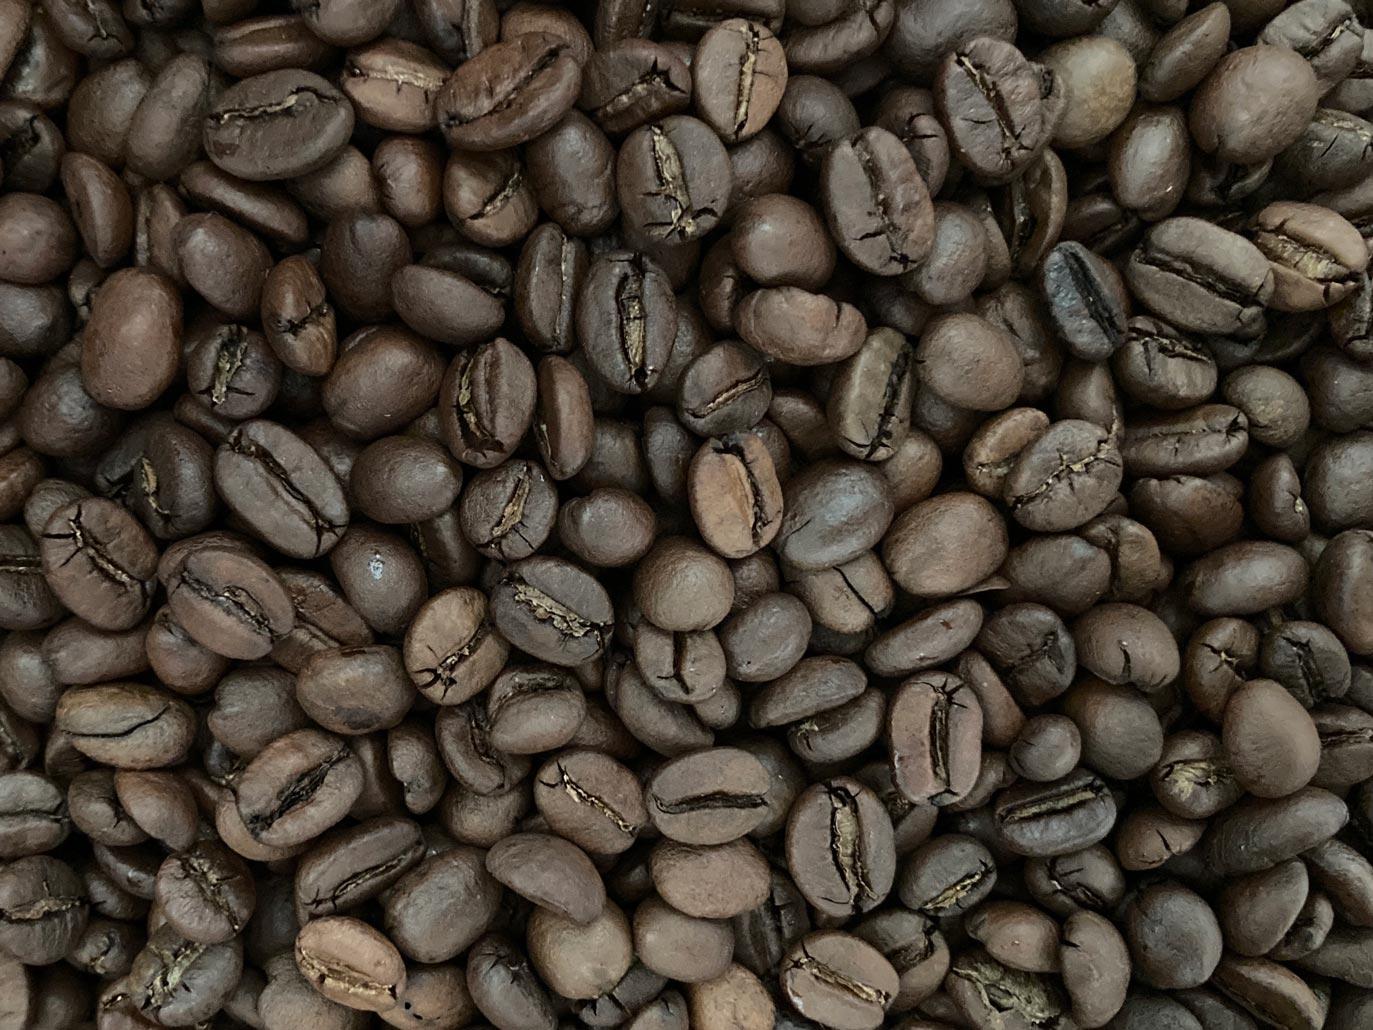 Nachhaltige Lieferketten & Kaffee-Tasting: Best Practice am Beispiel der Hildesheimer Kaffeerösterei Dreielf